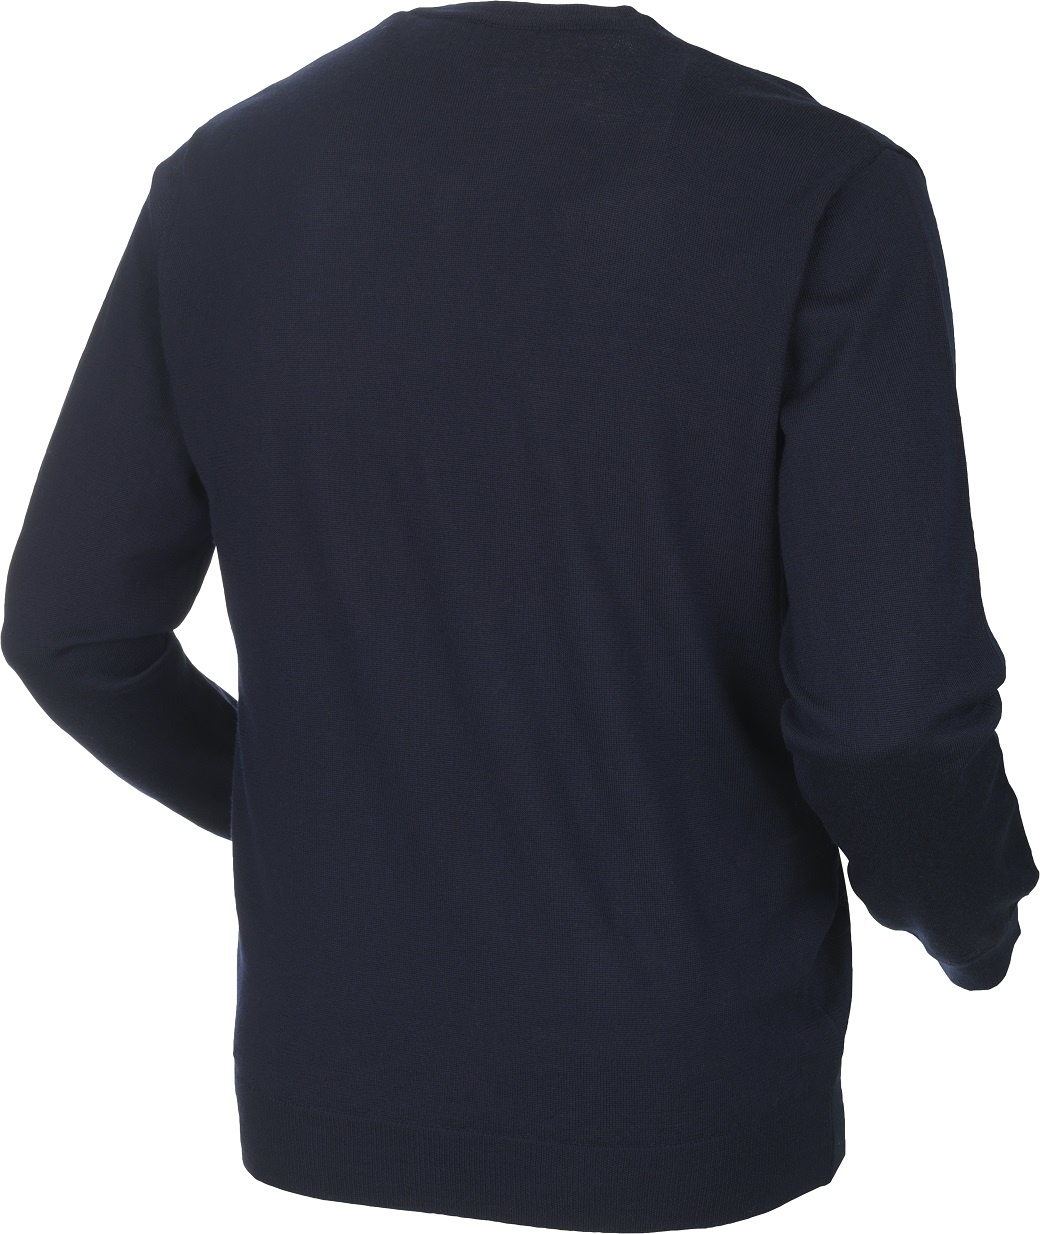 Härkila Glenmore pullover Dark Navy-2